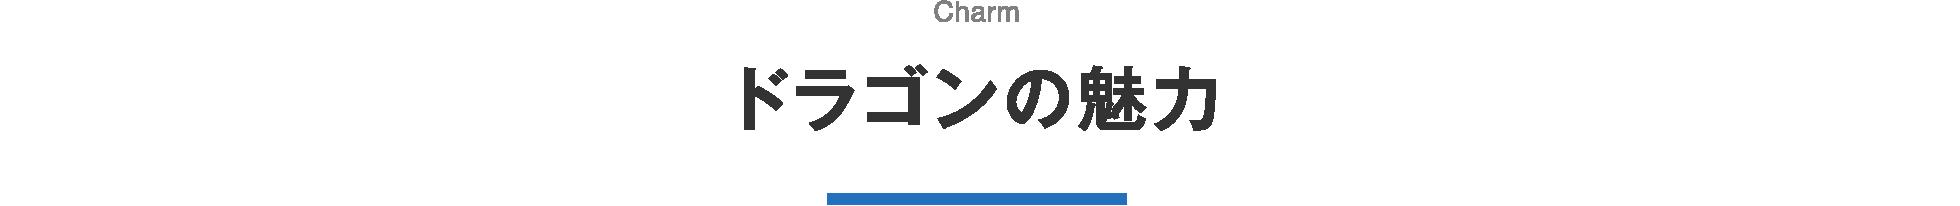 ドラゴンの魅力 Charm